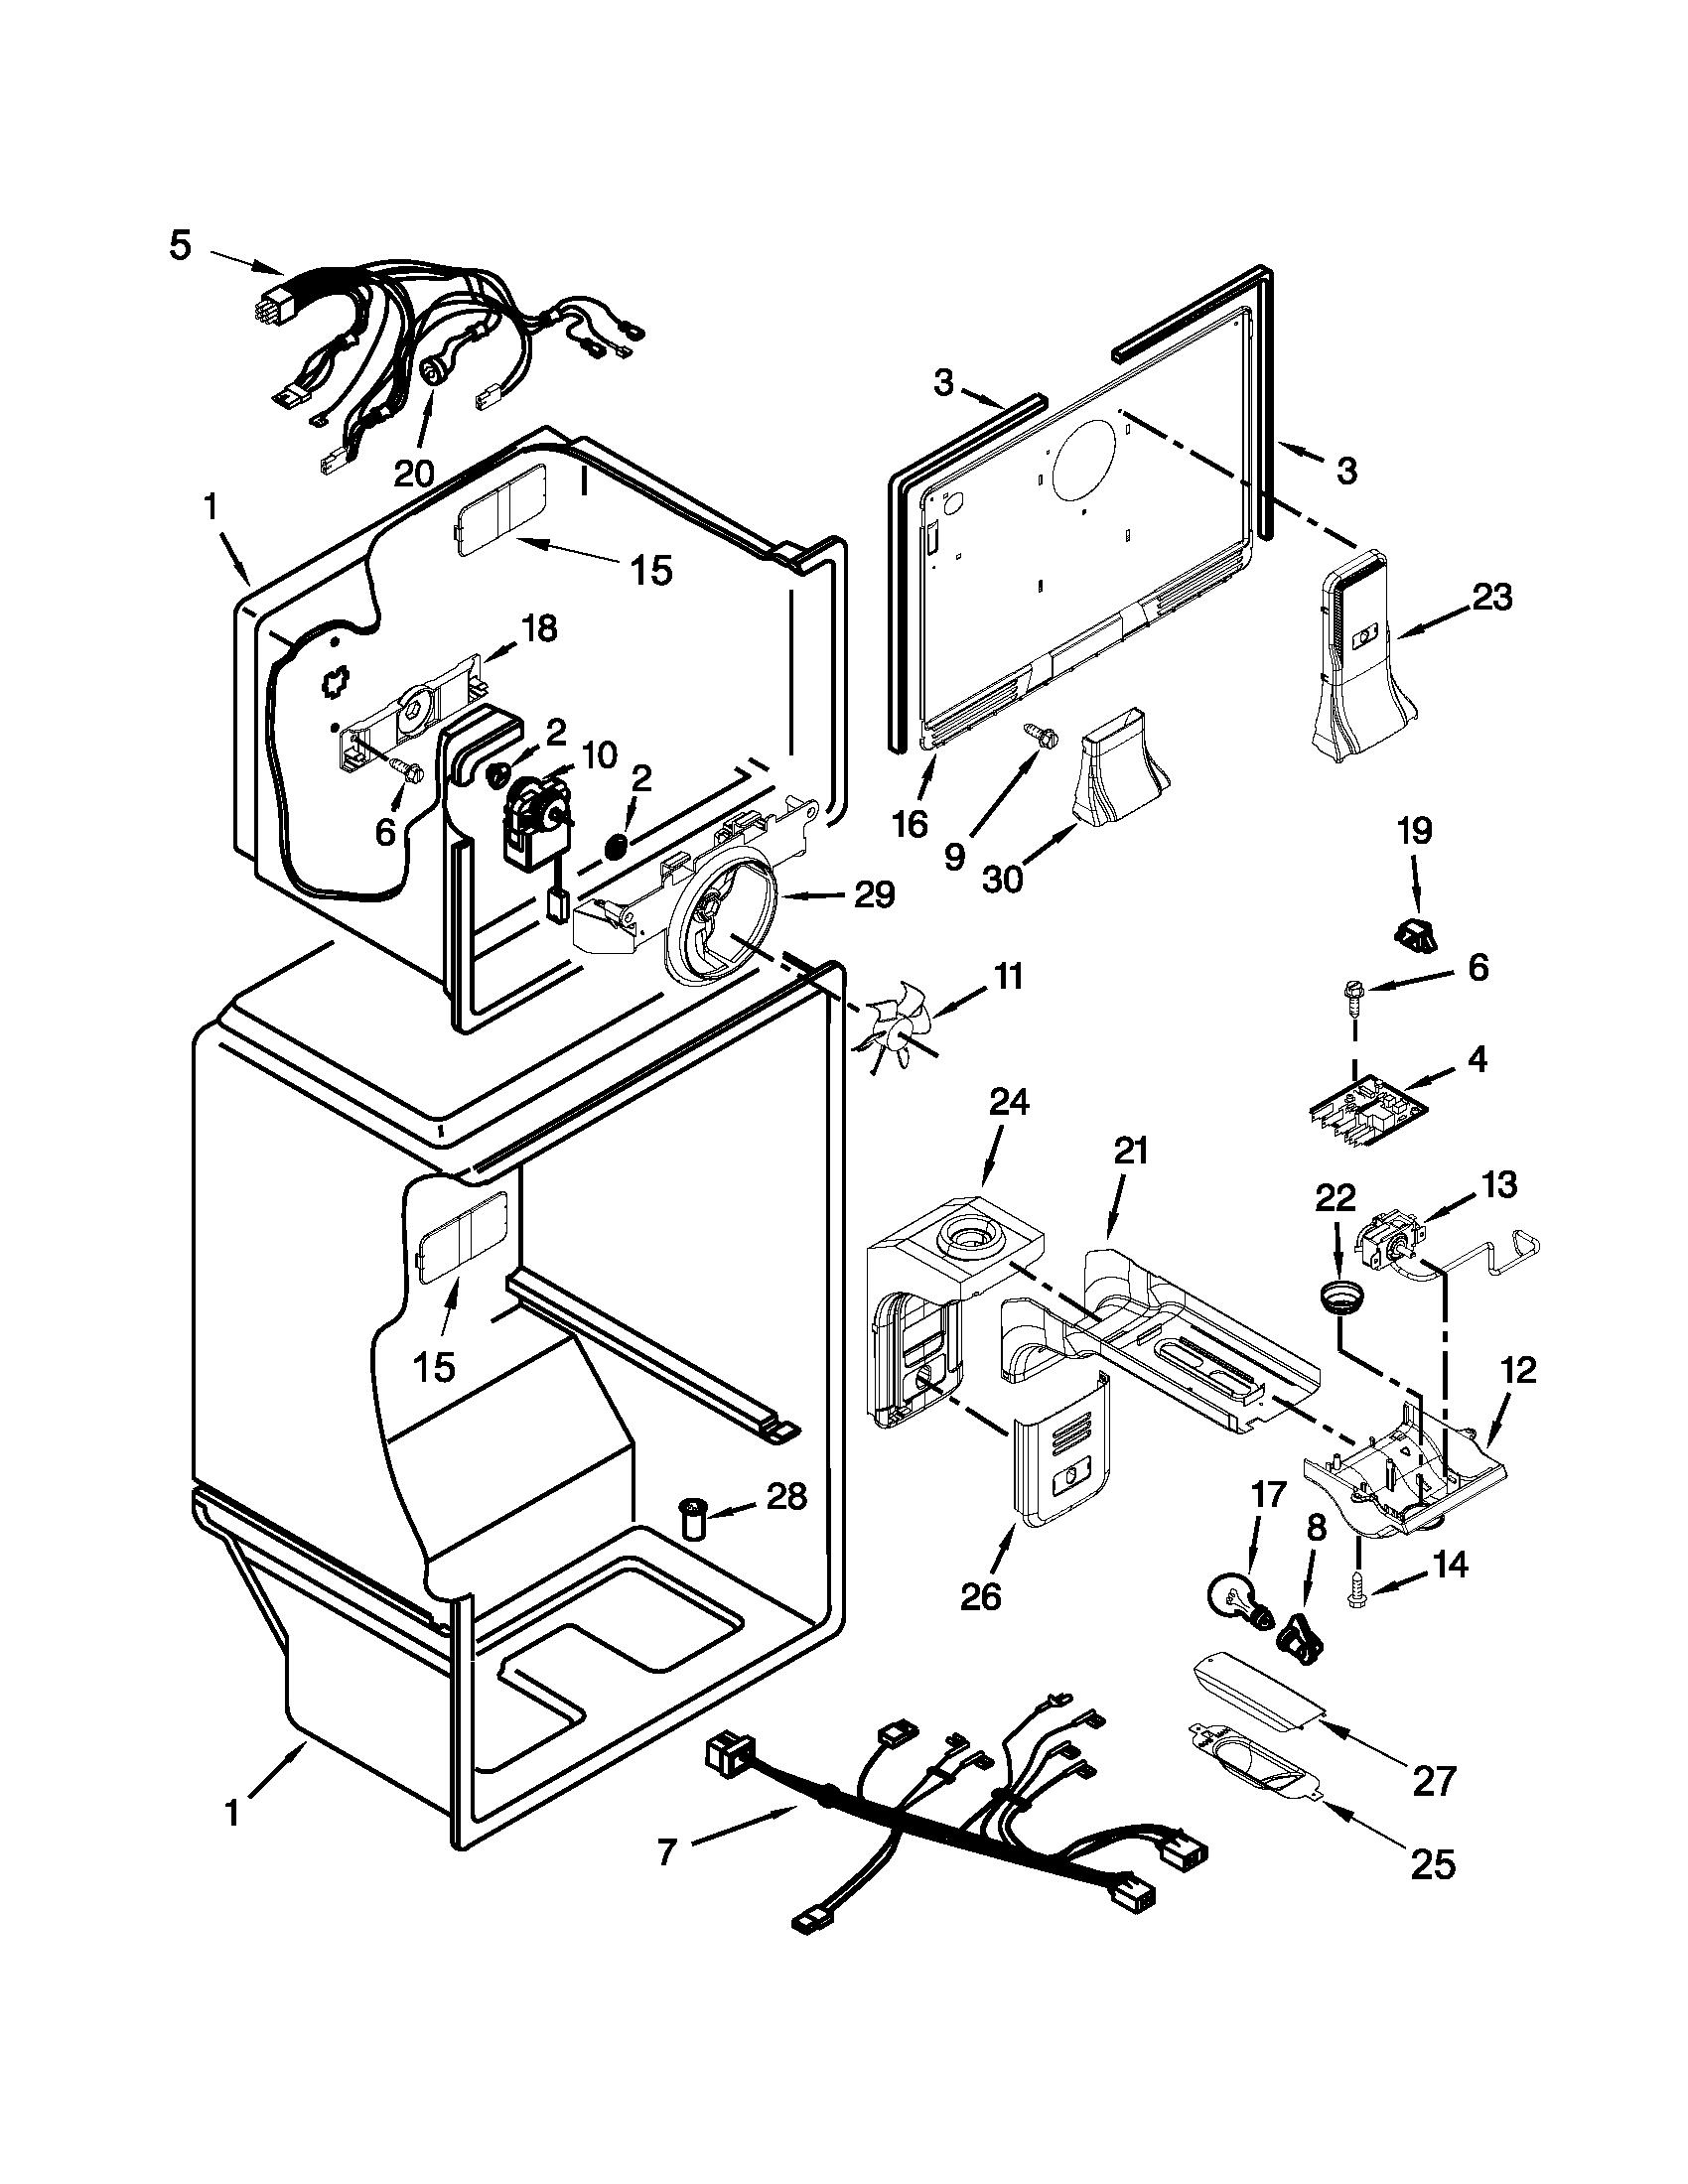 Maytag model m1txegmyb01 top mount refrigerator genuine parts w1304078 00003 0166000html ge model gts18hcmerww wiring diagram ge model gts18hcmerww wiring